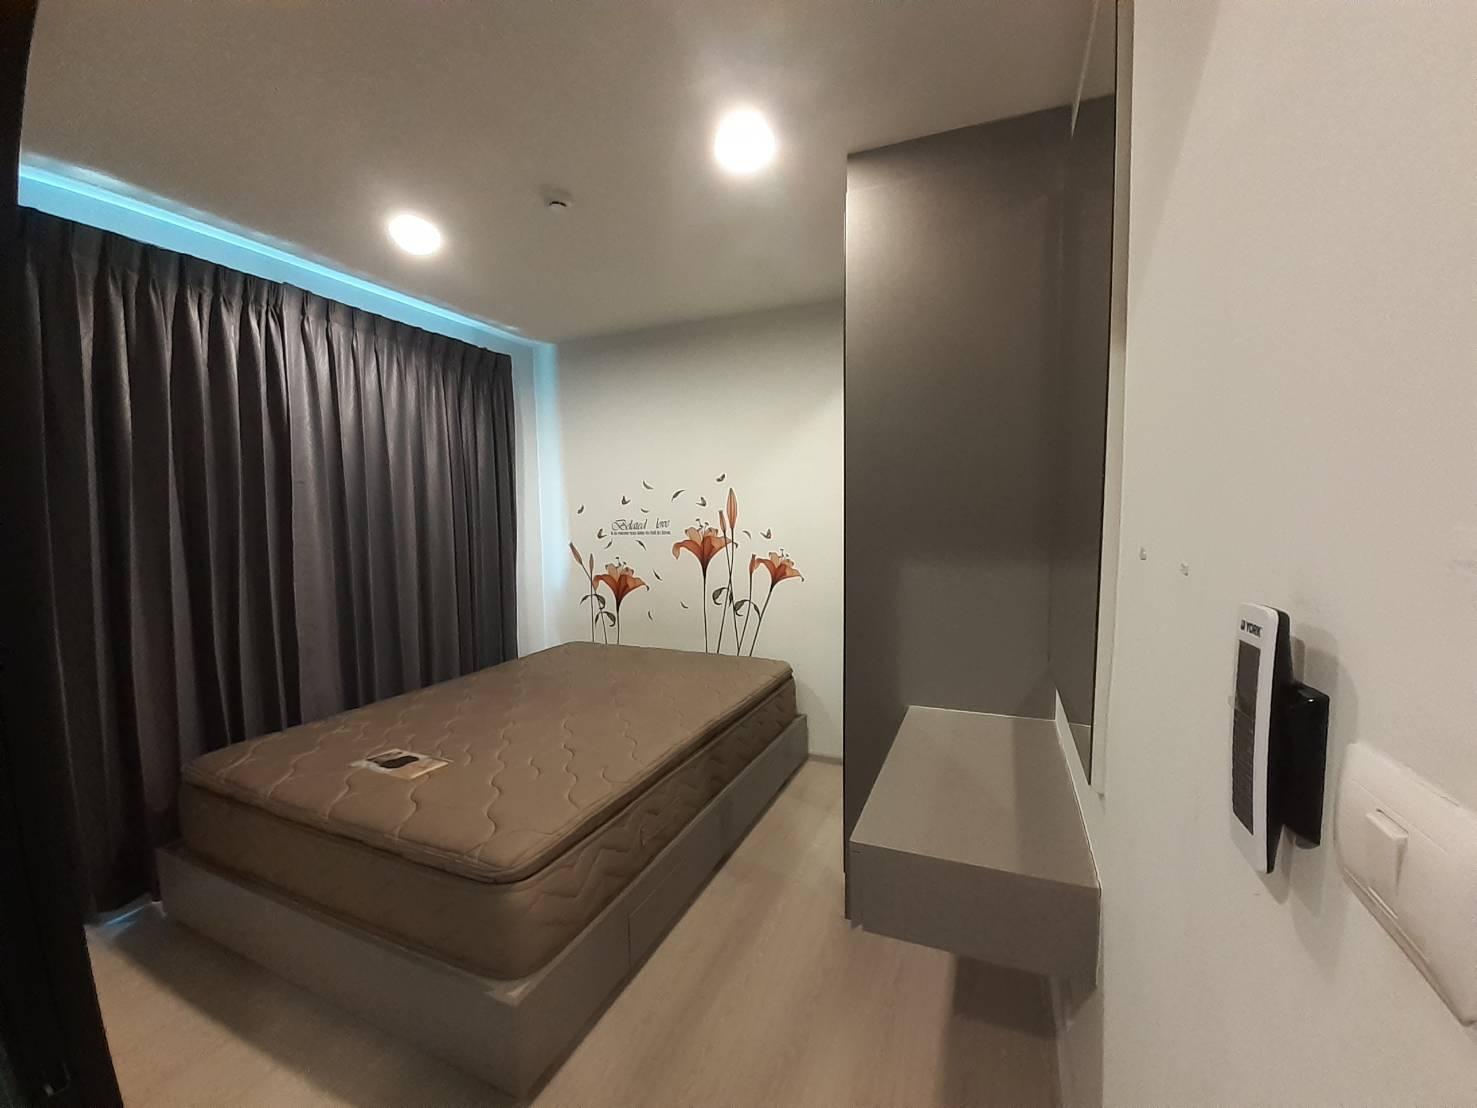 คอนโดให้เช่า ดิ เอ็กซ์เซล กรูฟ  ซอย สุขุมวิท 105  บางนา บางนา 1 ห้องนอน พร้อมอยู่ ราคาถูก